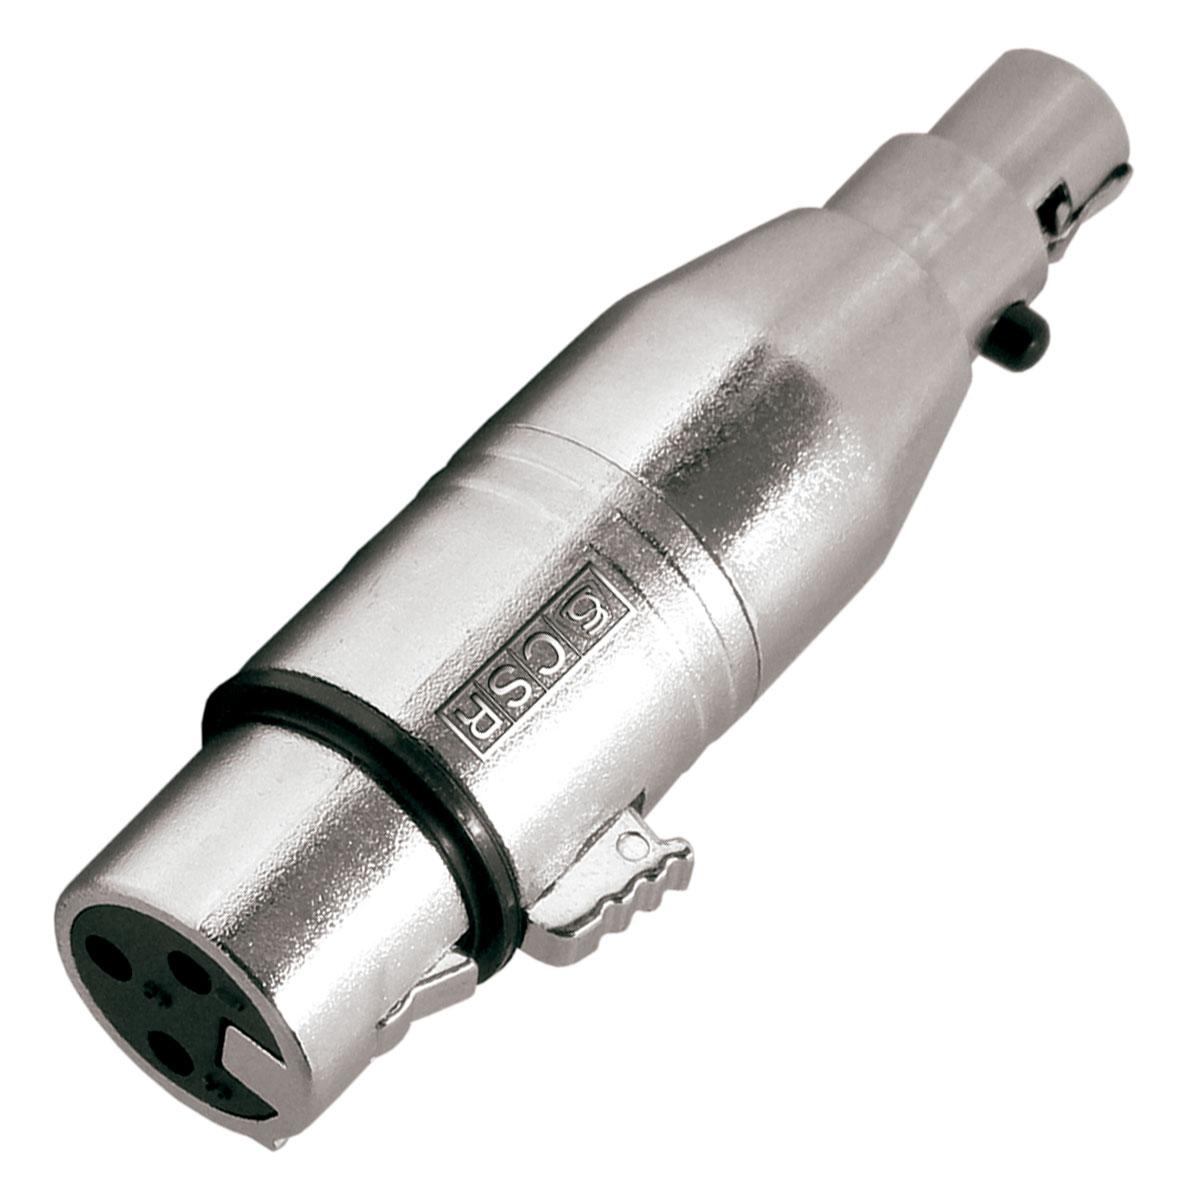 Adaptador Mini XLR F x XLR F 3 Pinos CSR508 - CSR